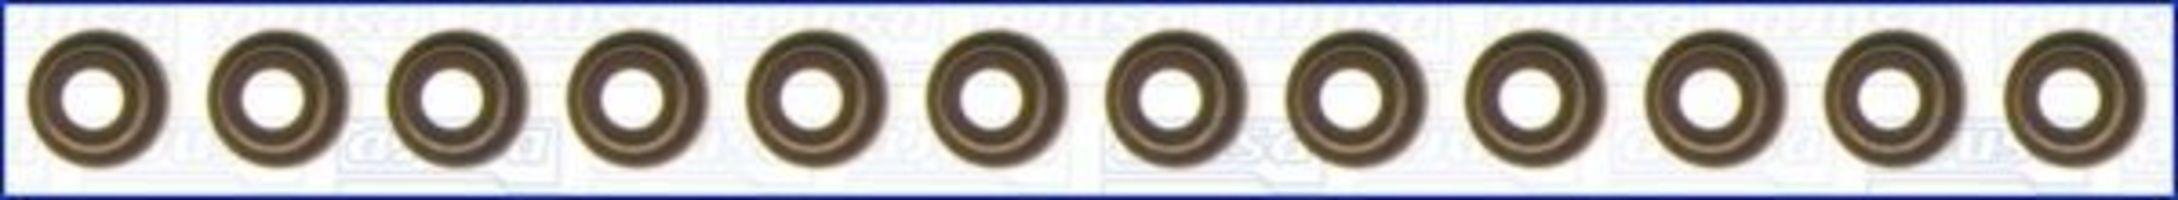 Купить Сальники клапанов комплект AJUSA 57020100